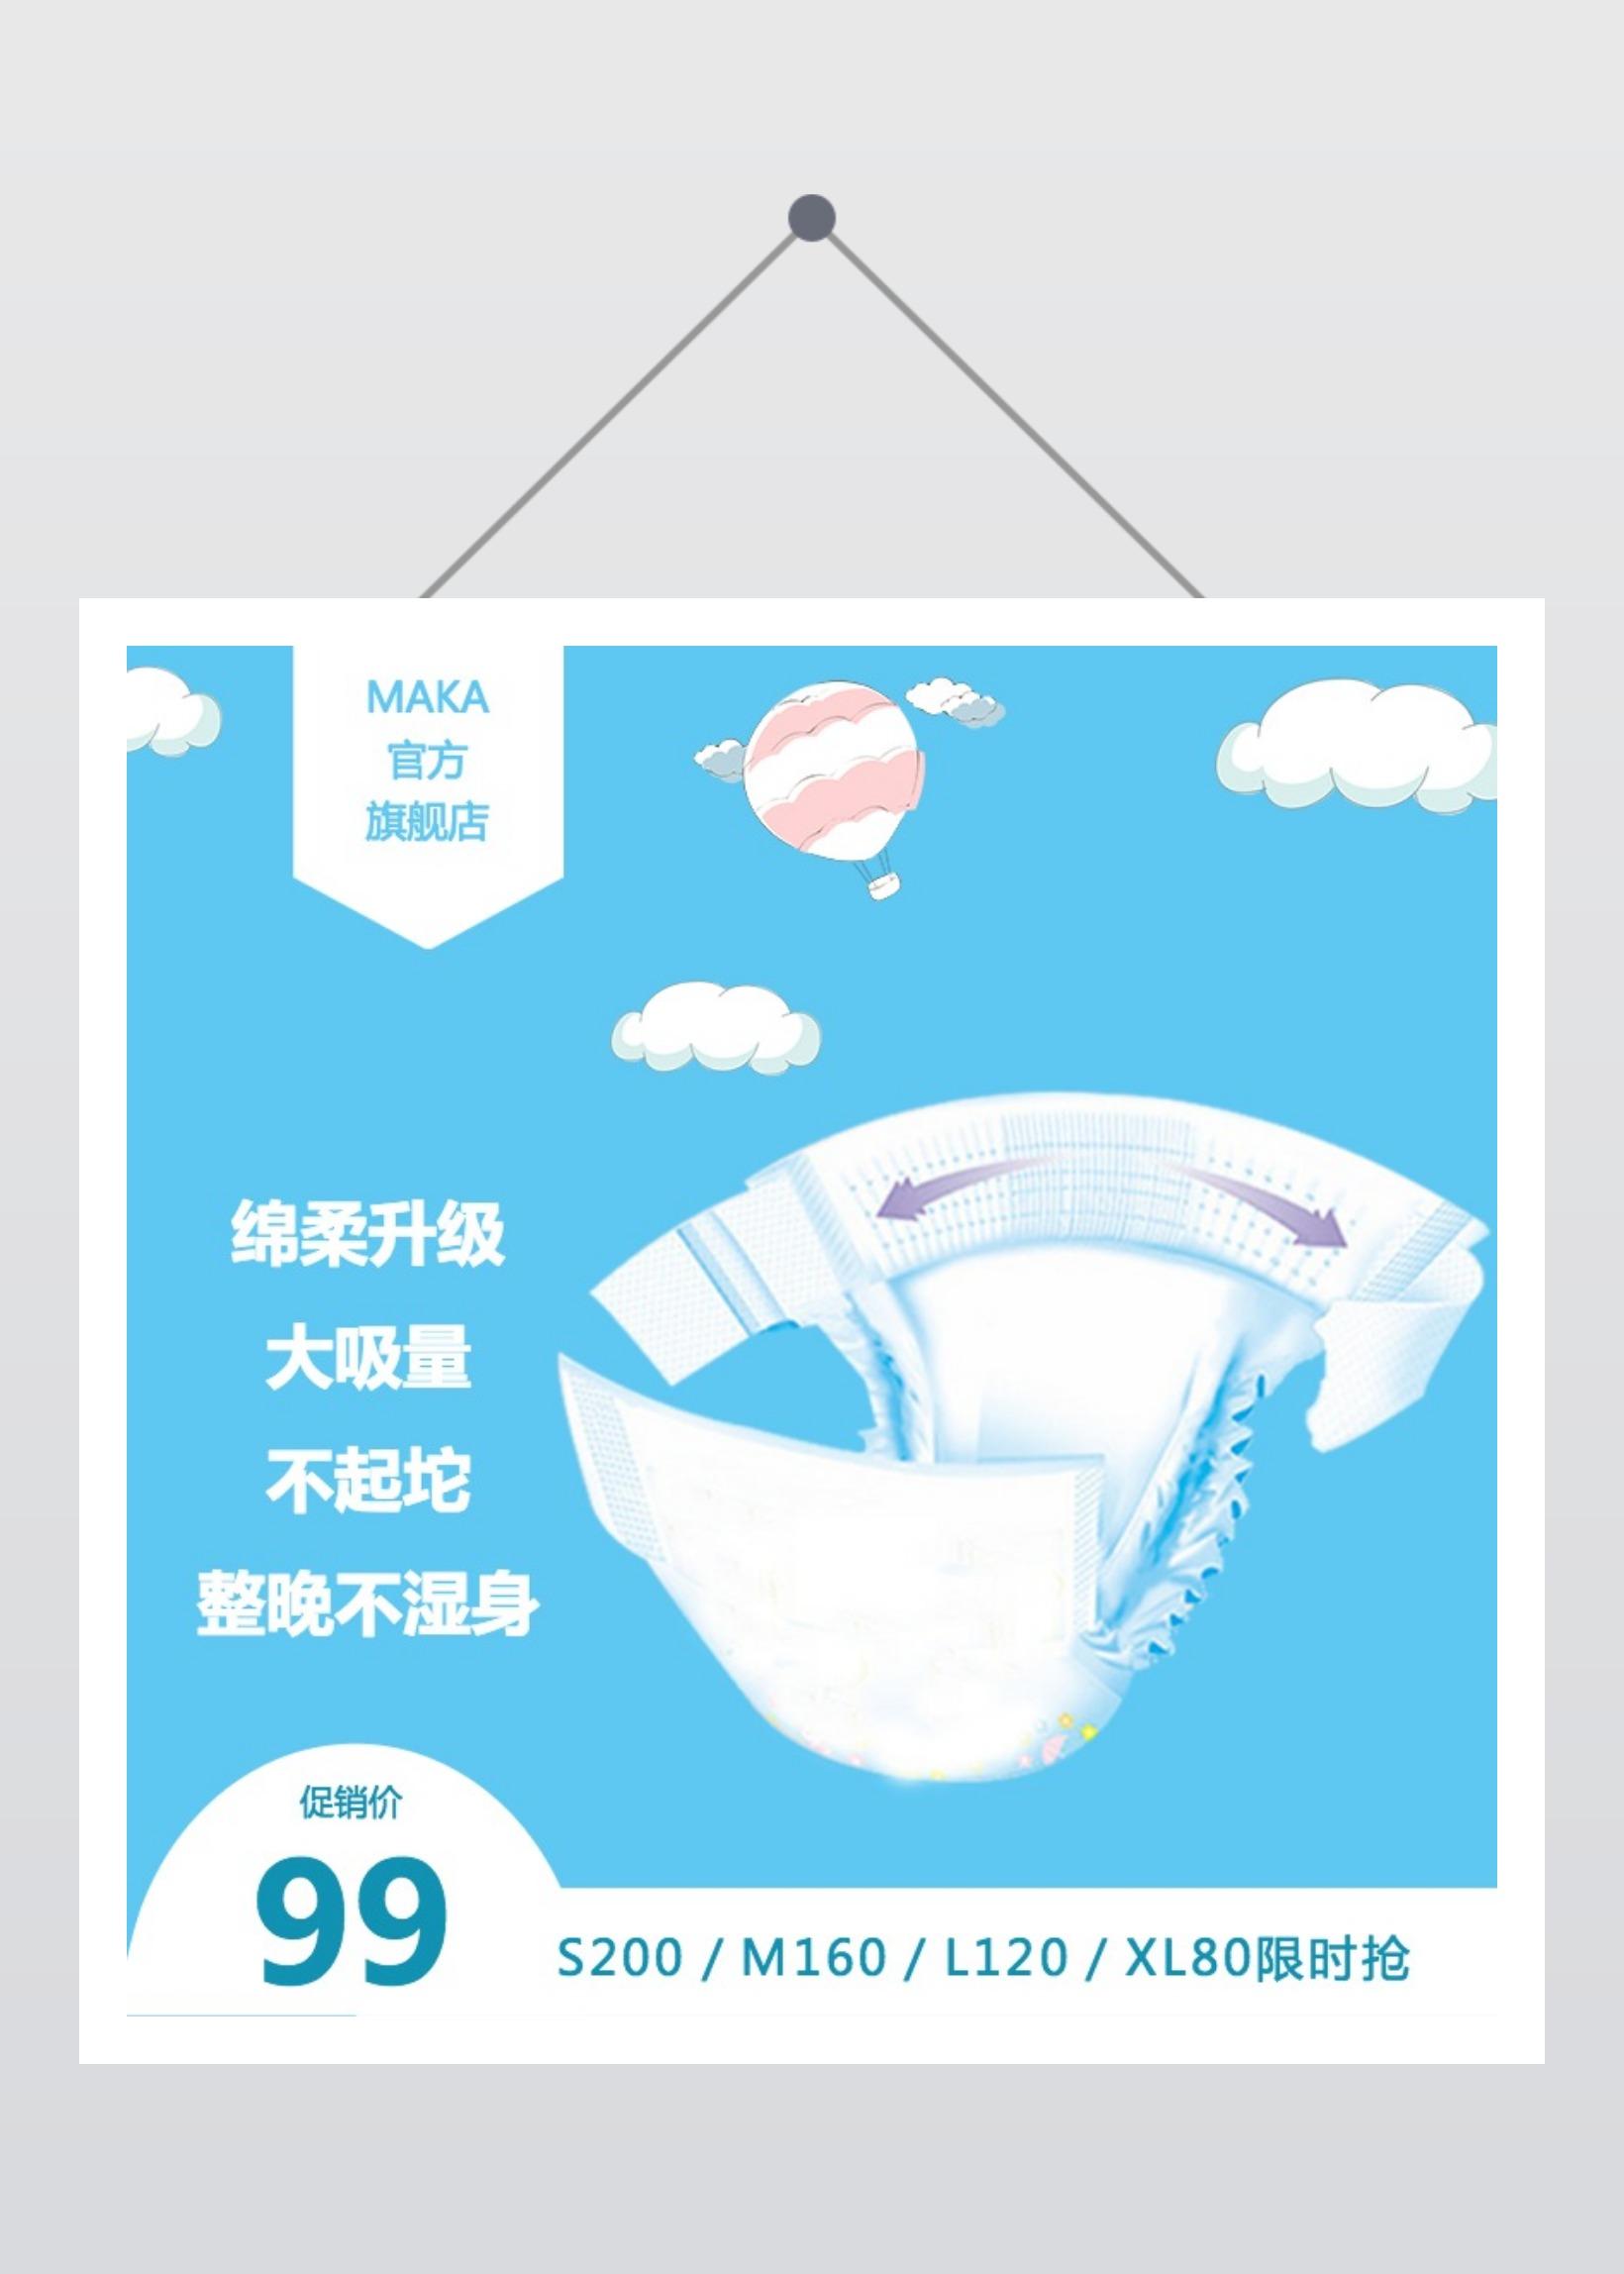 首页 电商素材 商品主图 蓝色清爽尿不湿母婴淘宝主图  微信扫描